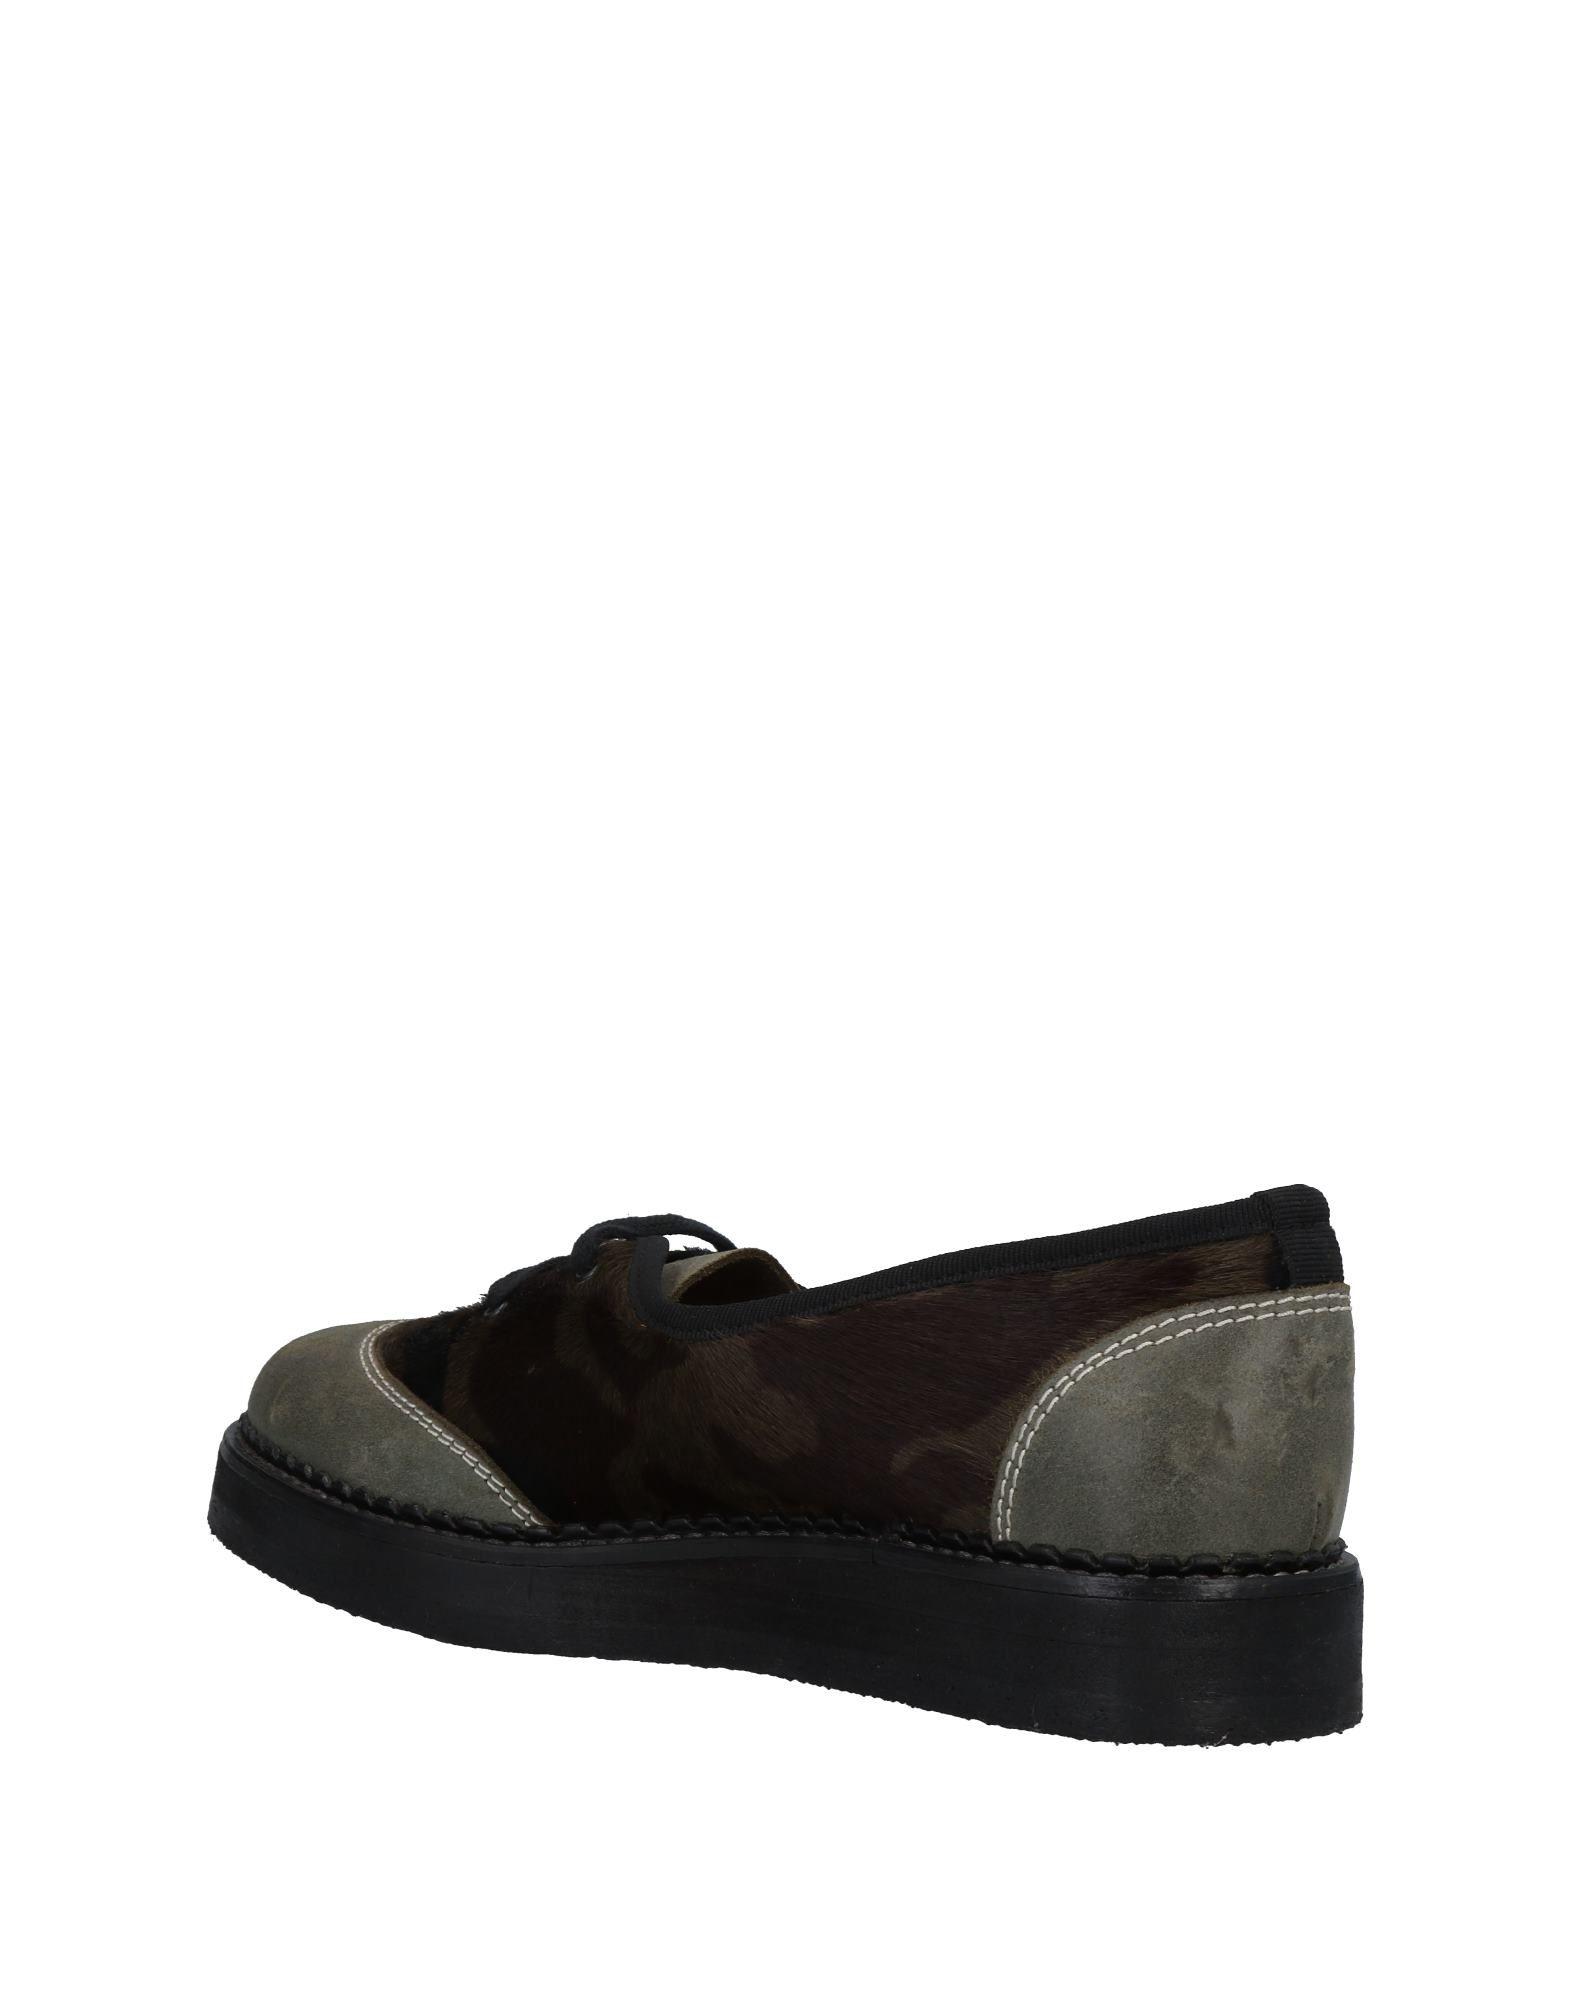 Stringate L'f Shoes Uomo 11481514OK - 11481514OK Uomo a28168